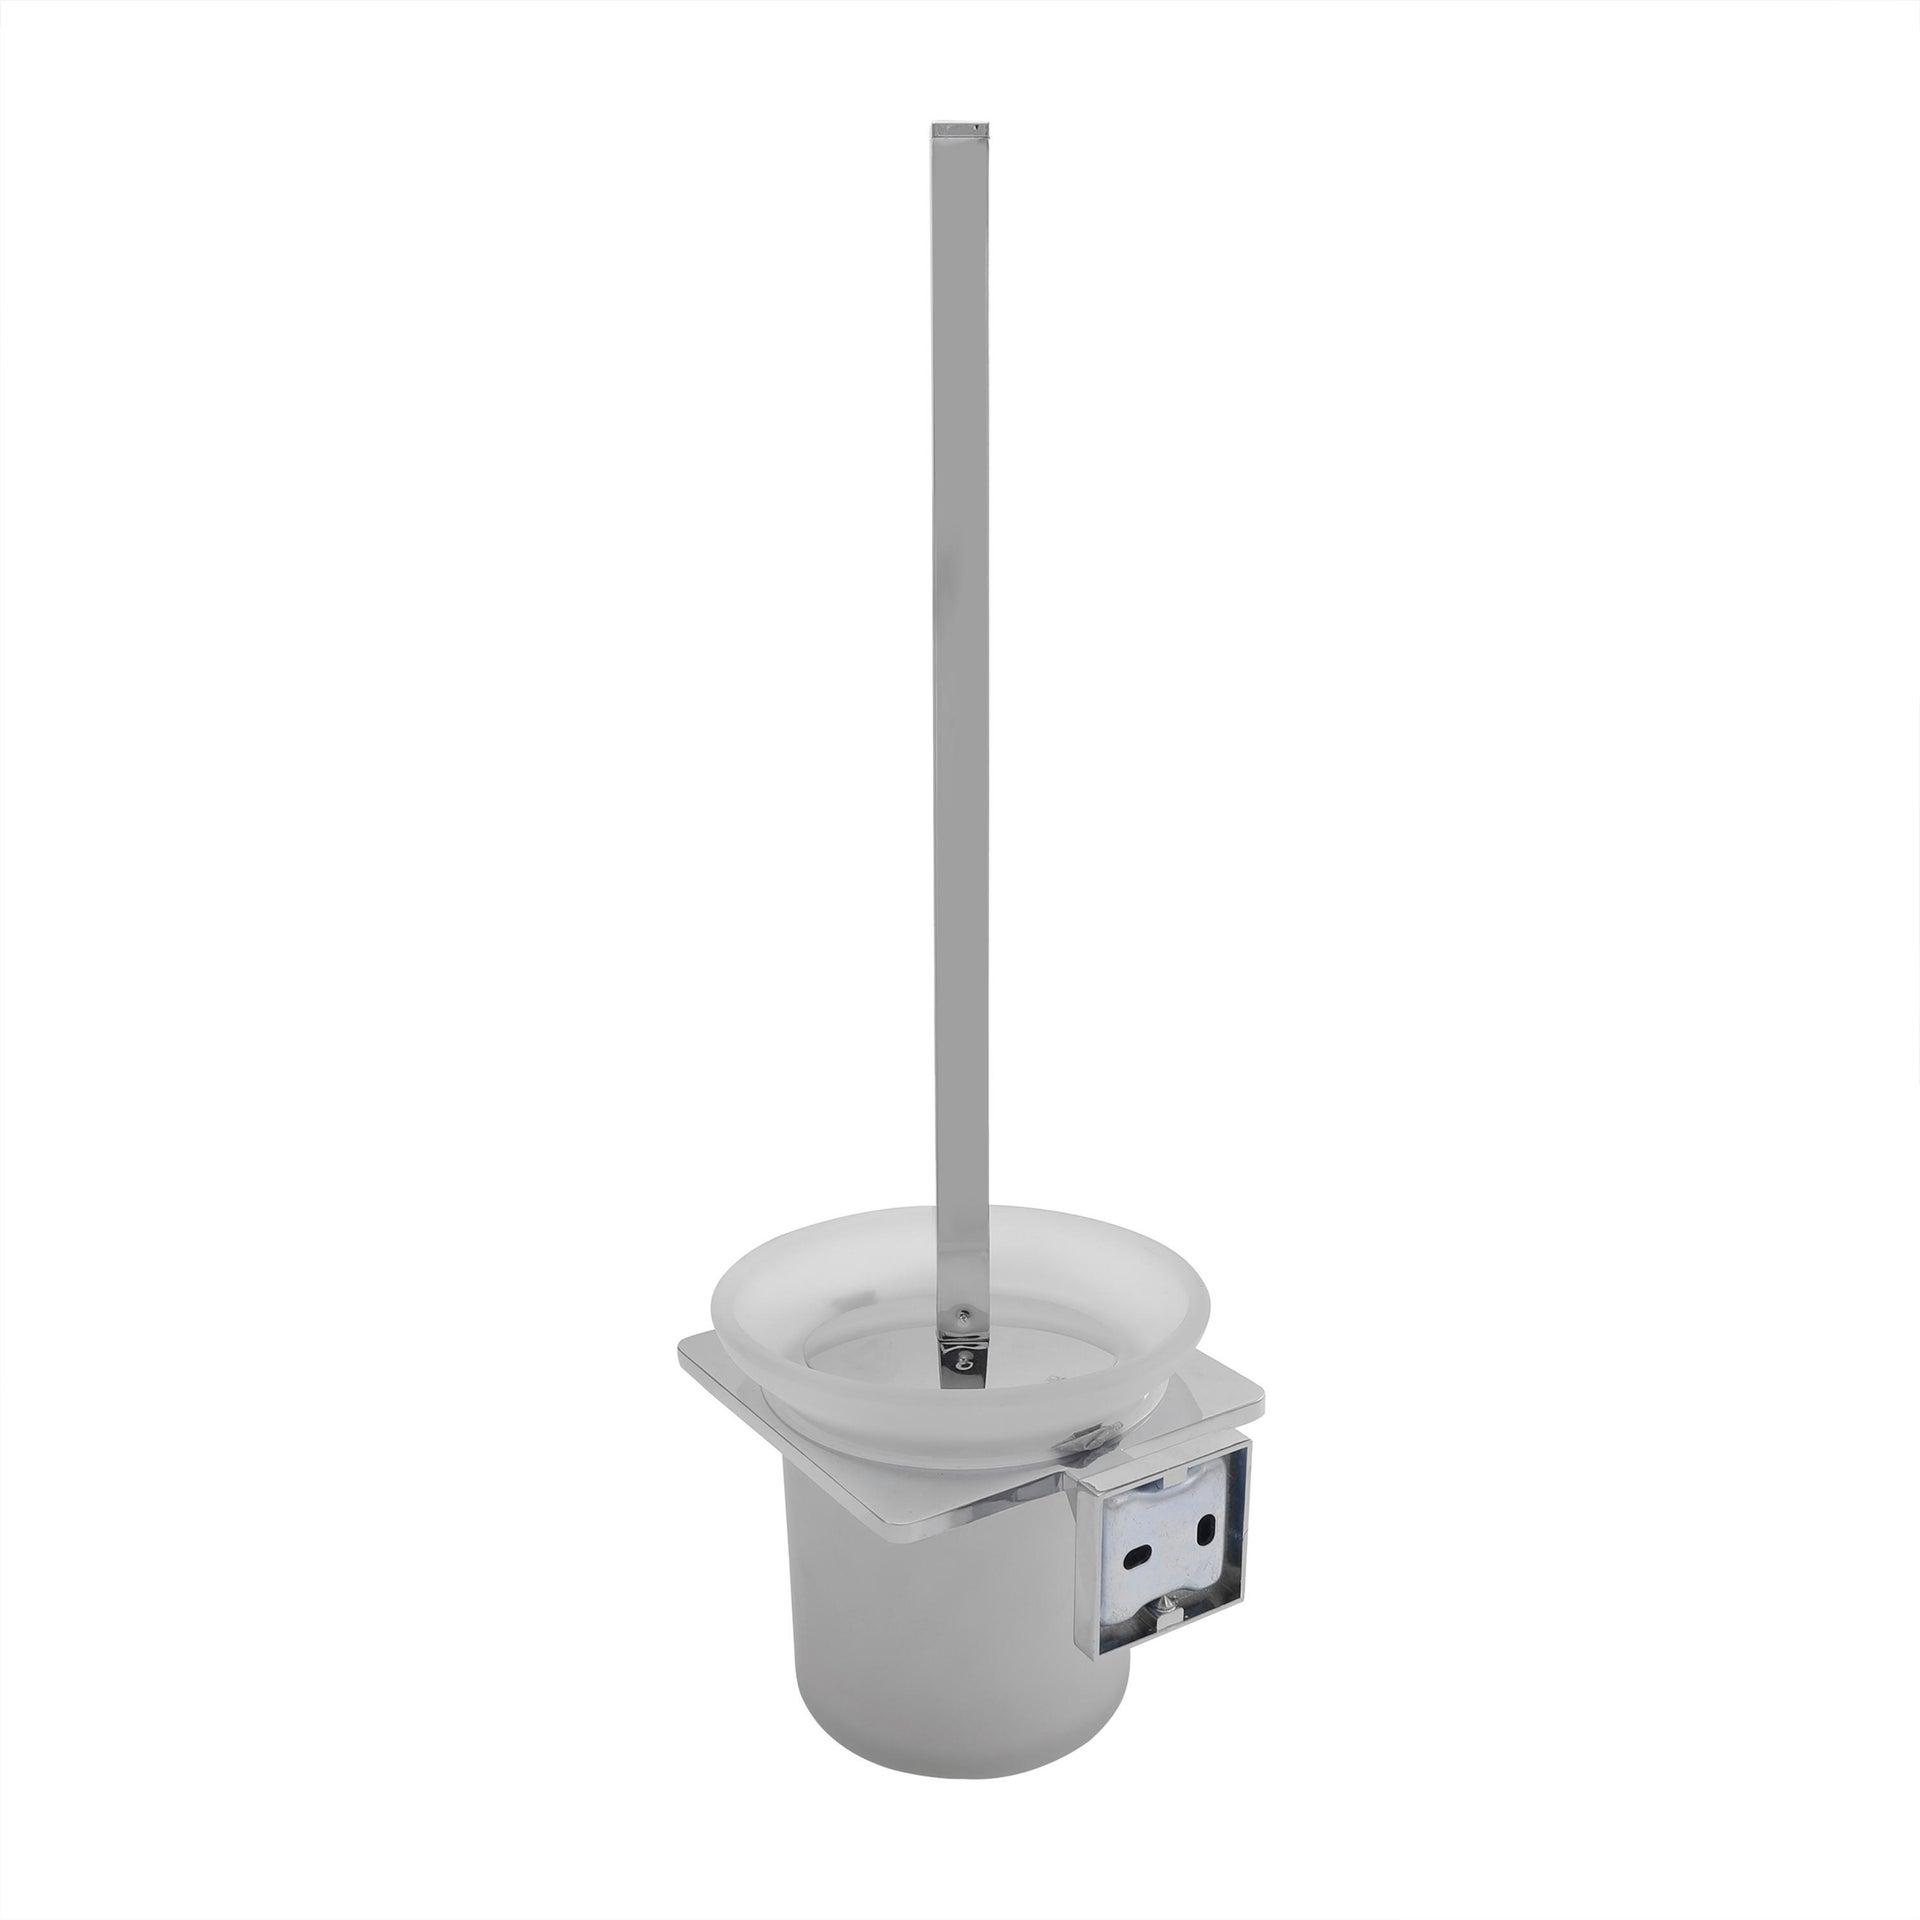 Porta scopino wc a muro grigio - 1